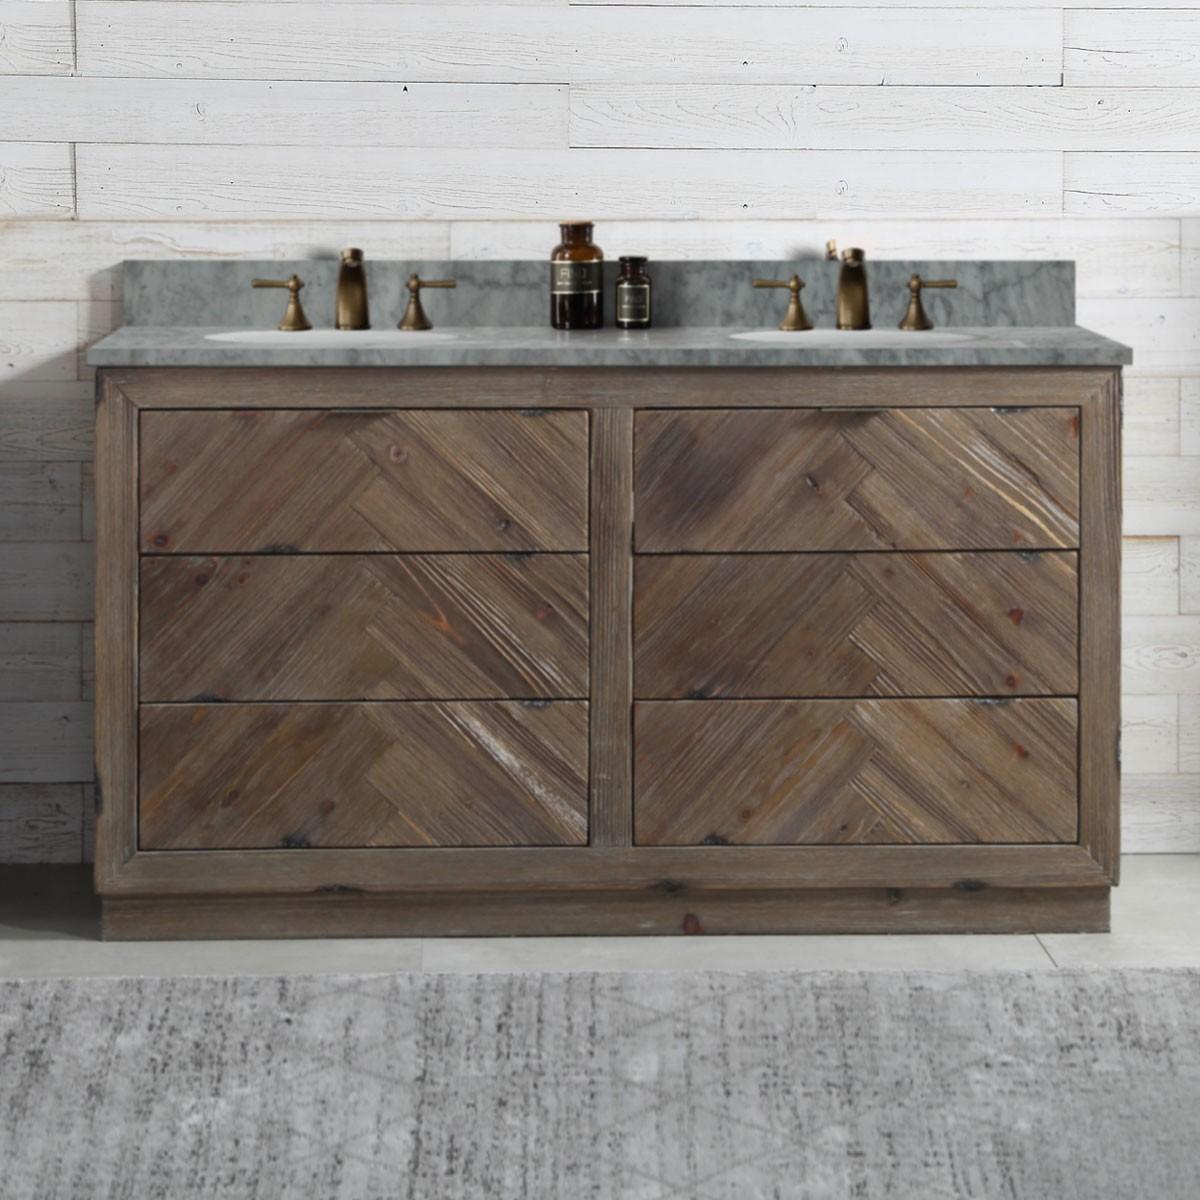 60 In. Freestanding Bathroom Vanity (DK-WH9660-BR)